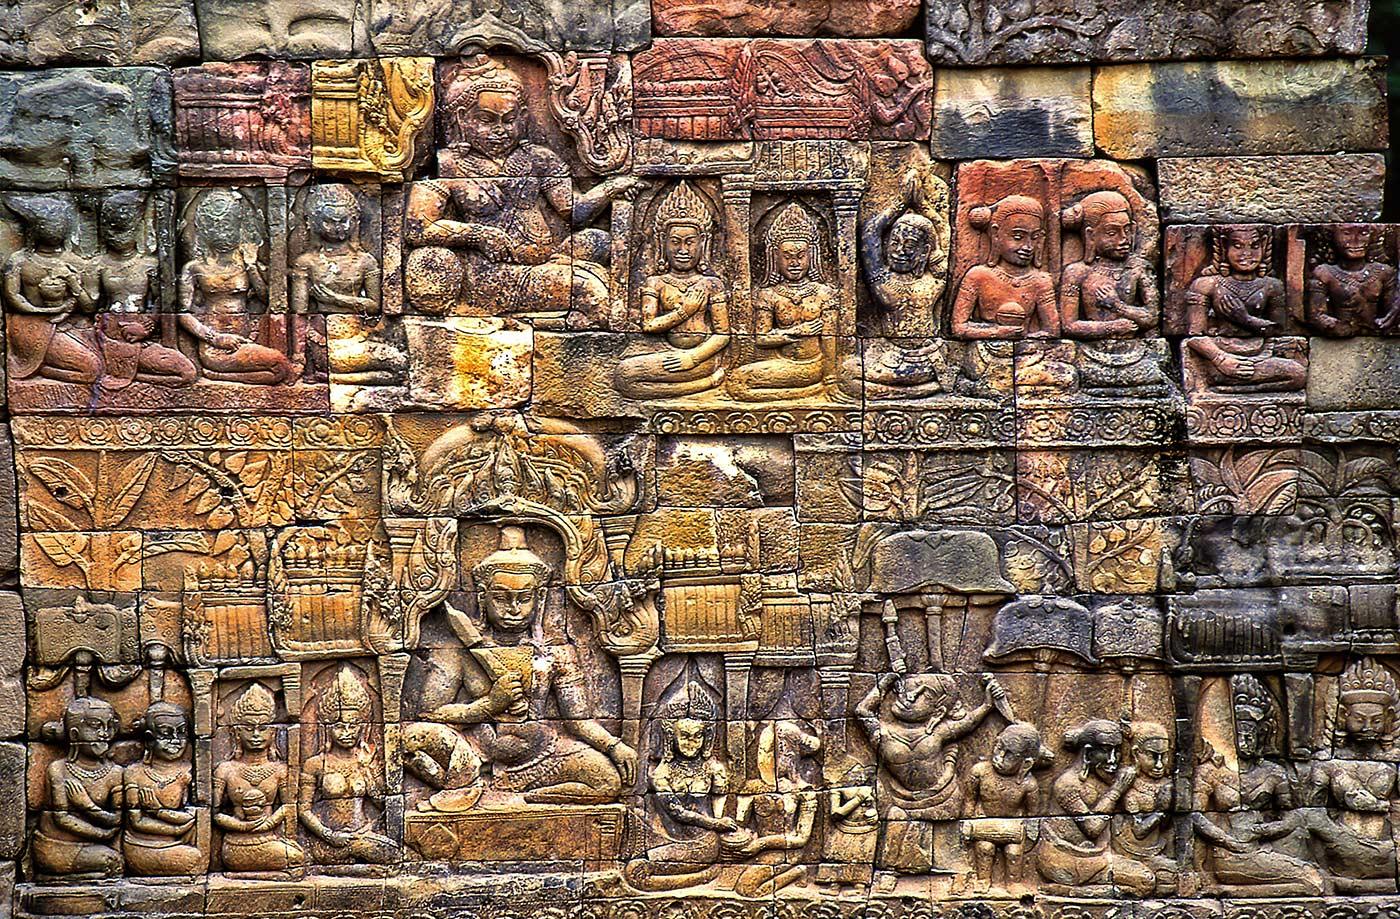 Rilievi scolpiti su un muro dell'Angkor Wat, Complesso archeologico di Angkor, Cambogia © Sergio Pessolano